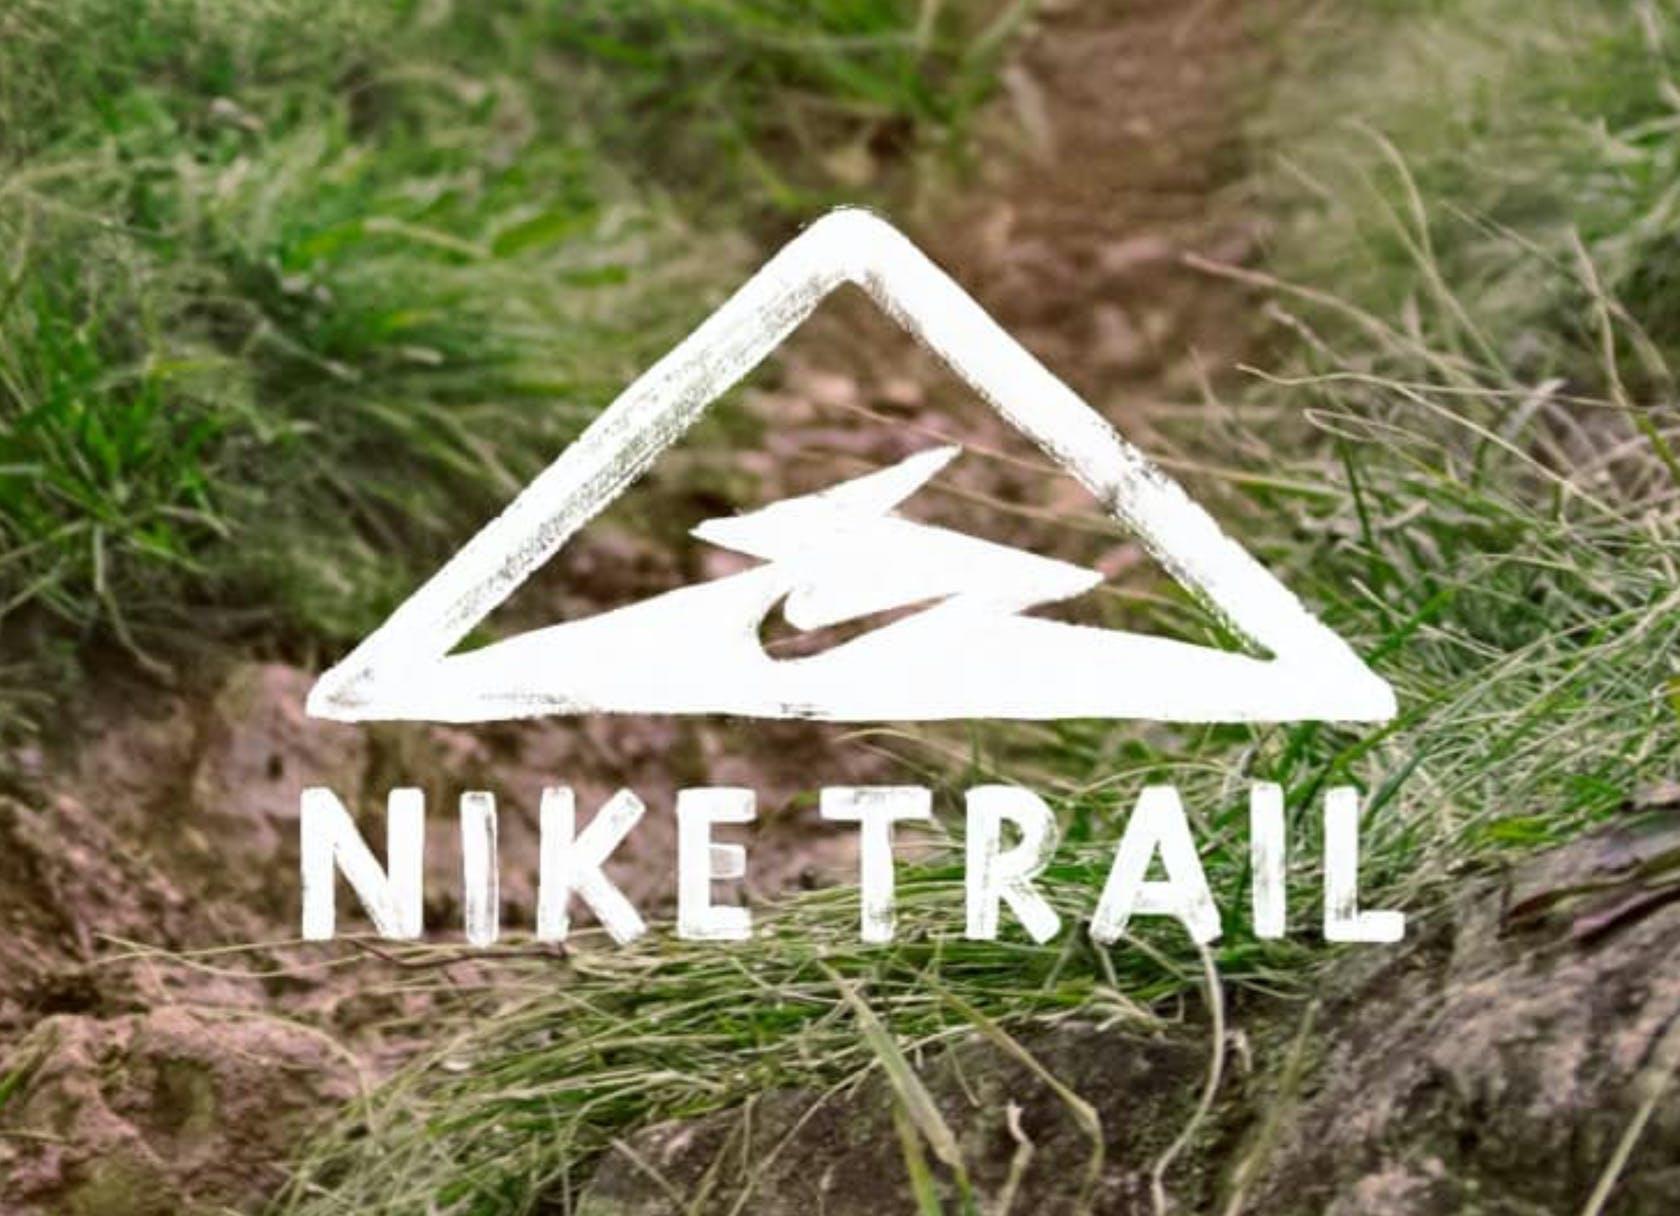 NIKE TRAIL Bekleidung, Schuhe, Ausrüstung